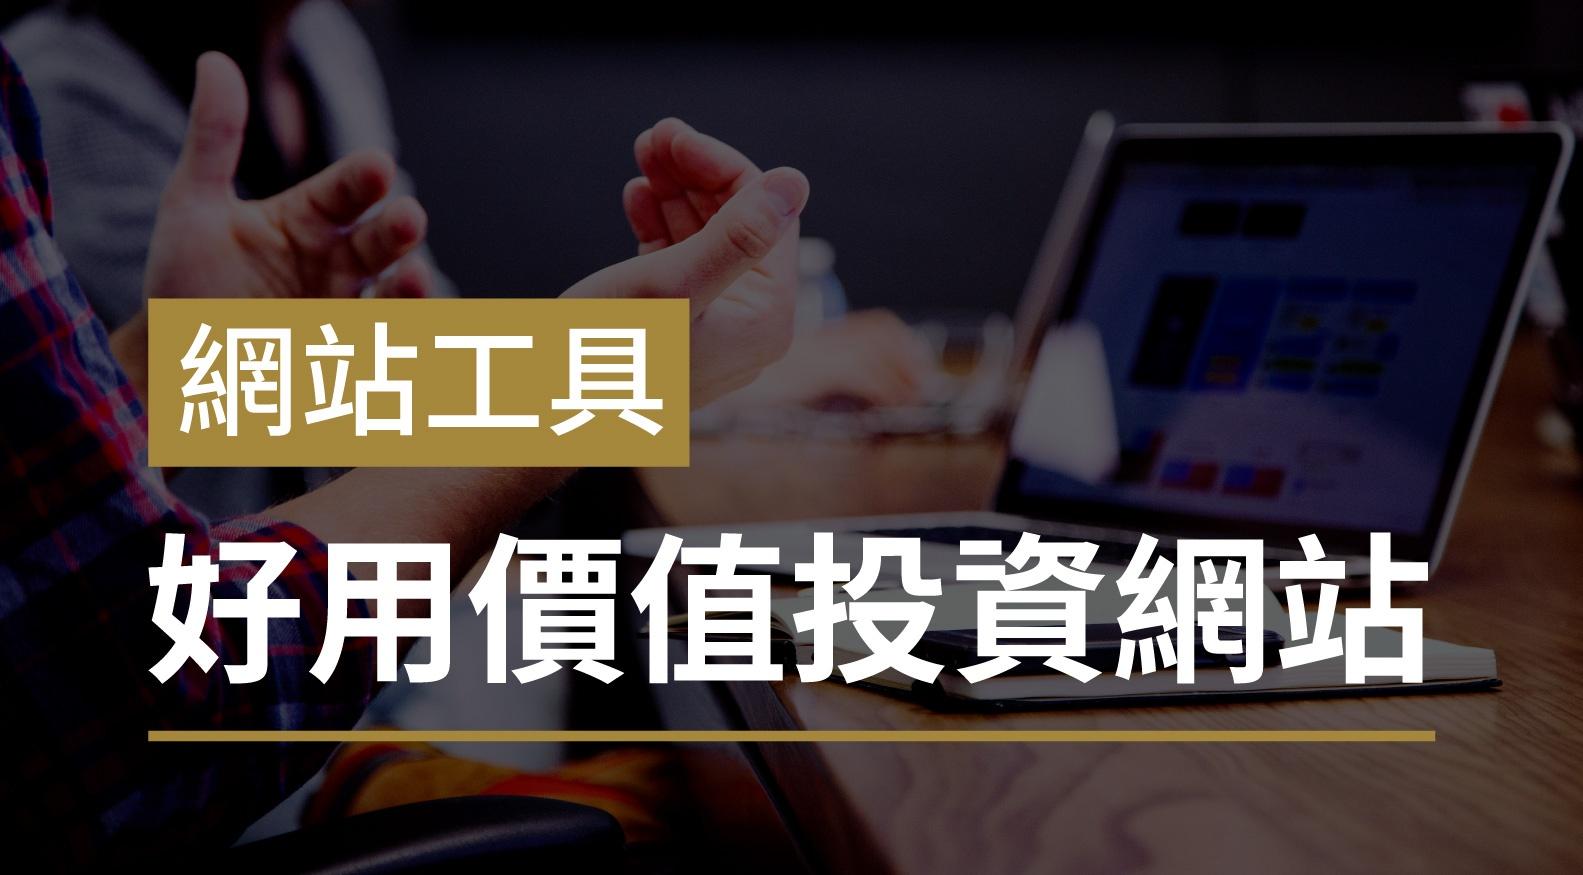 7.【網站工具】價值投資網站:Simply Wall Street、Jitta、Dividend.com (1h39m23s)